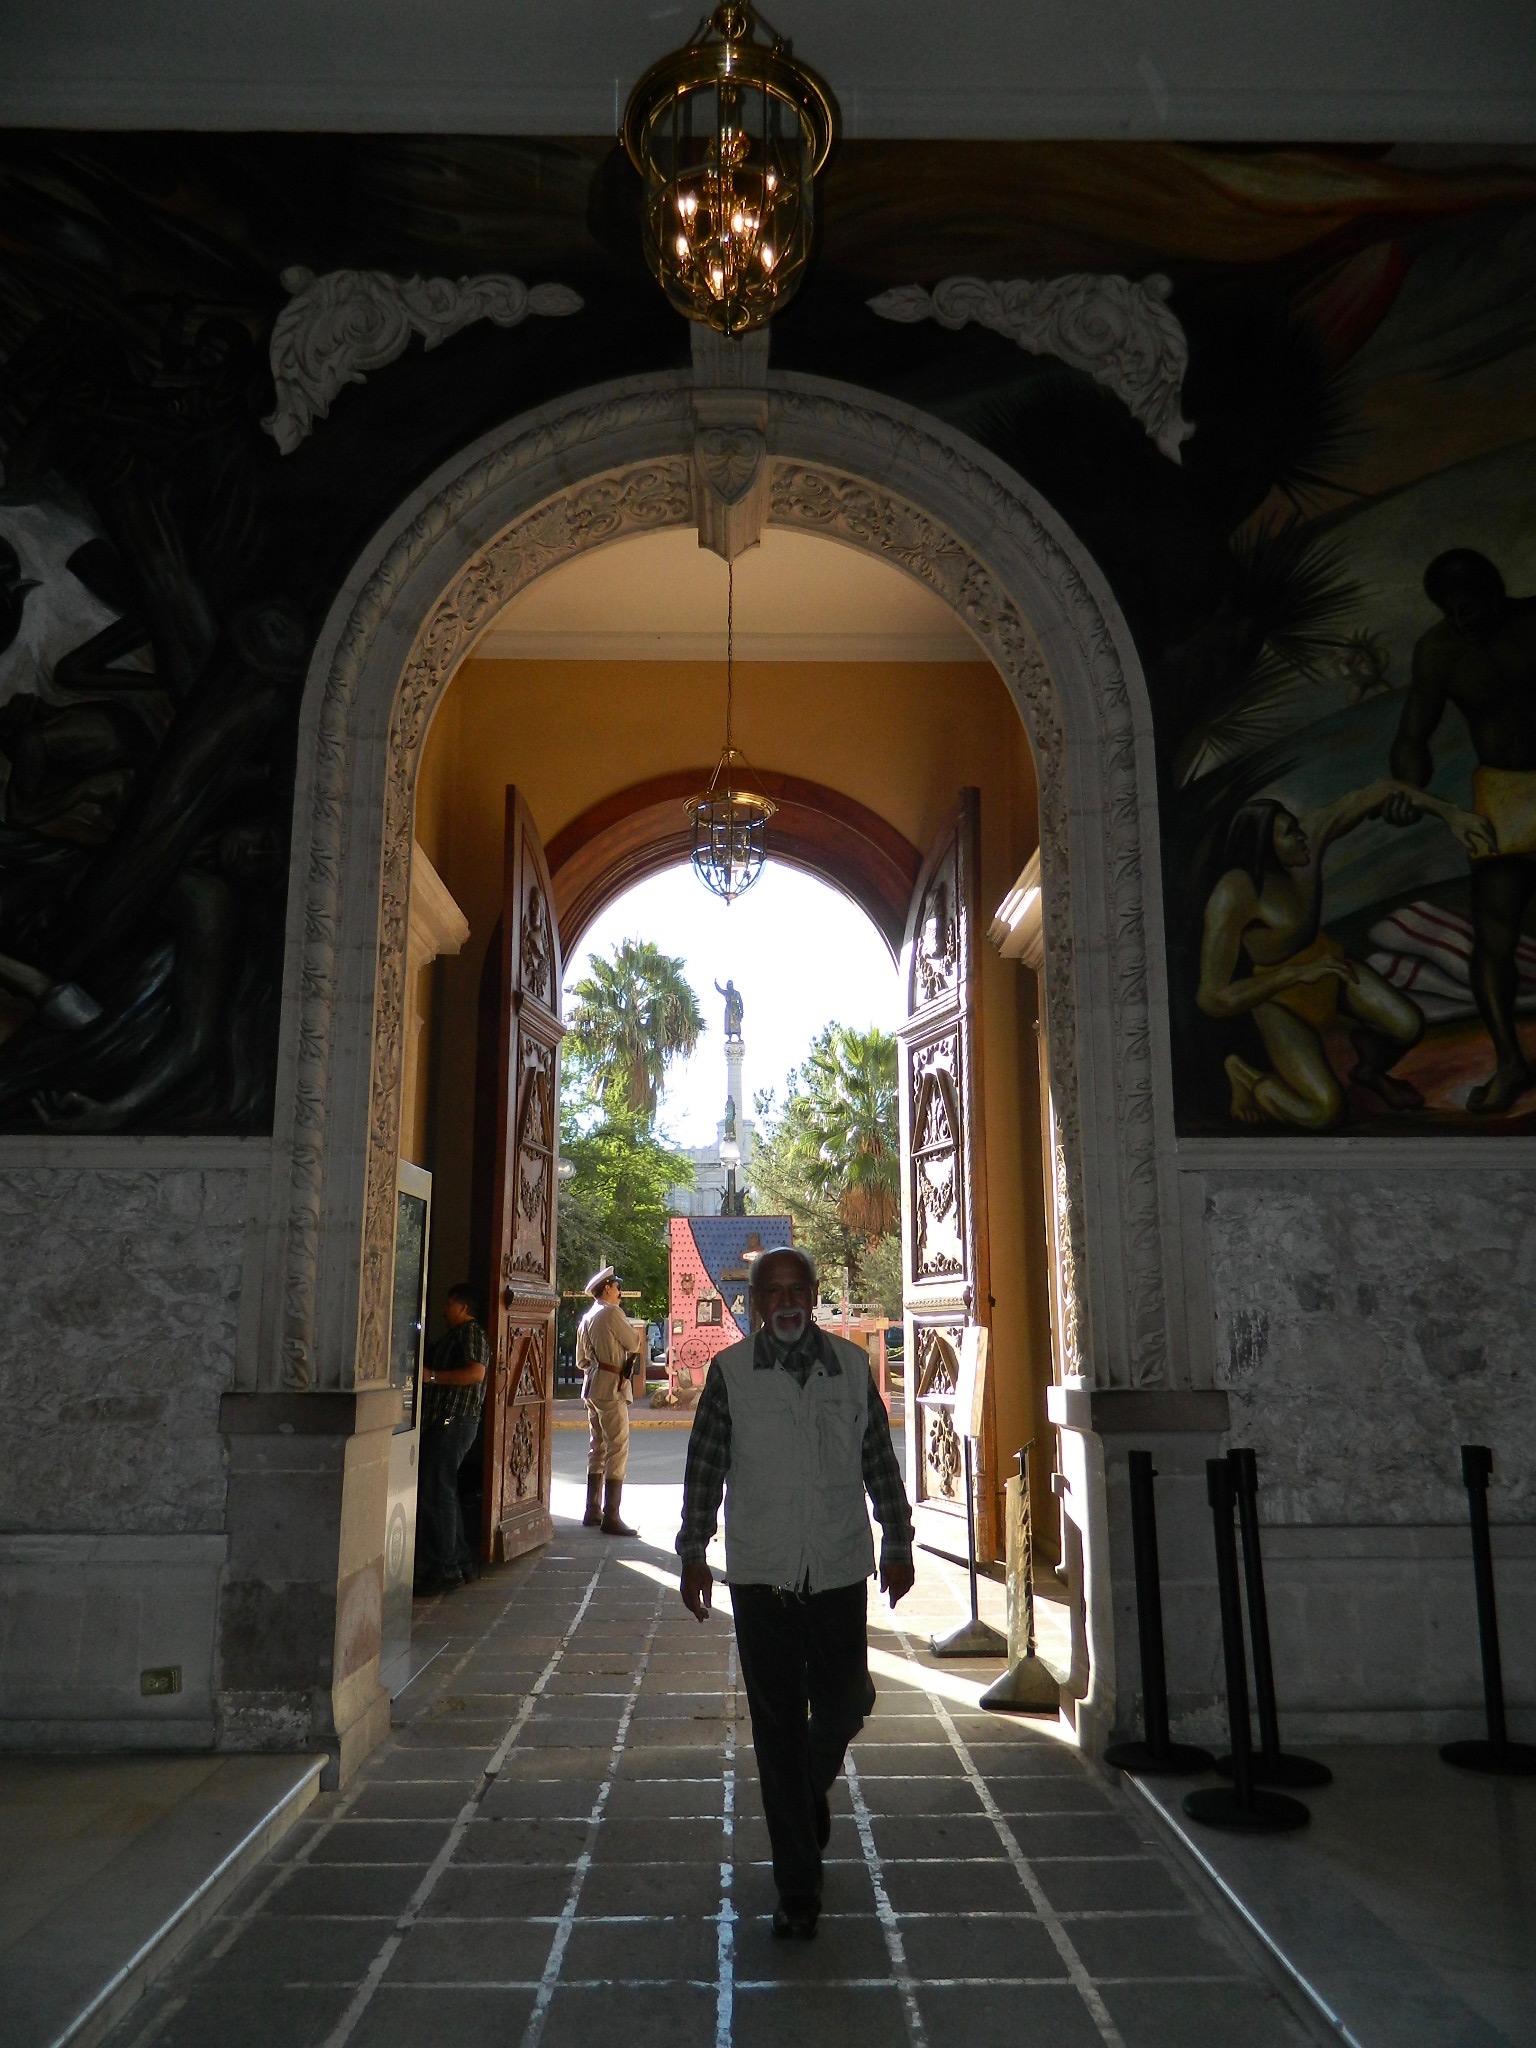 Las puertas del Palacio de Gobierno se abren a los ciudadanos